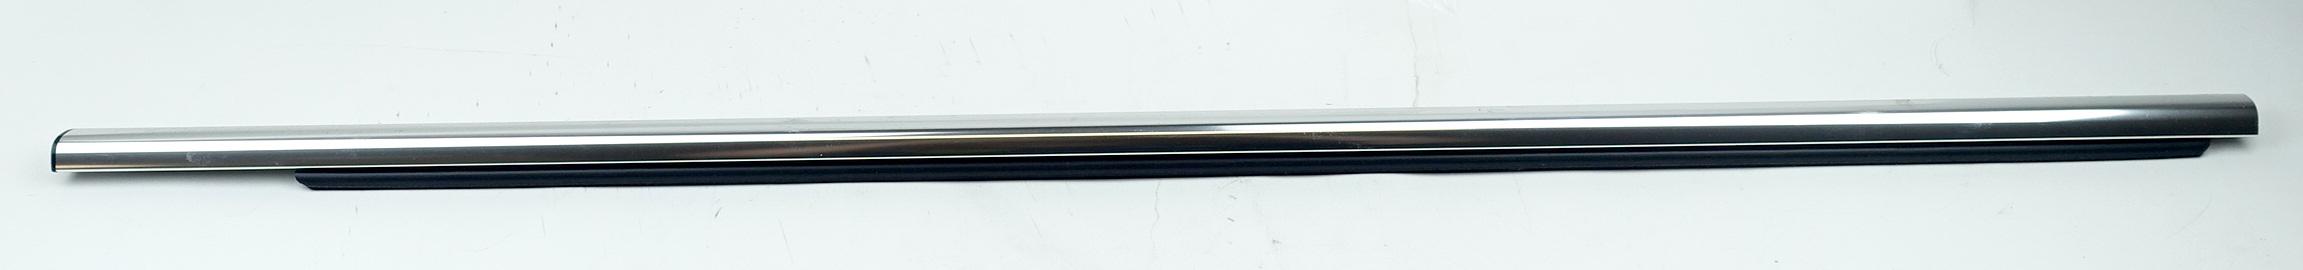 New OEM 95980302 GM Front Door Window Sweep Belt Molding Weatherstrip Left - image 1